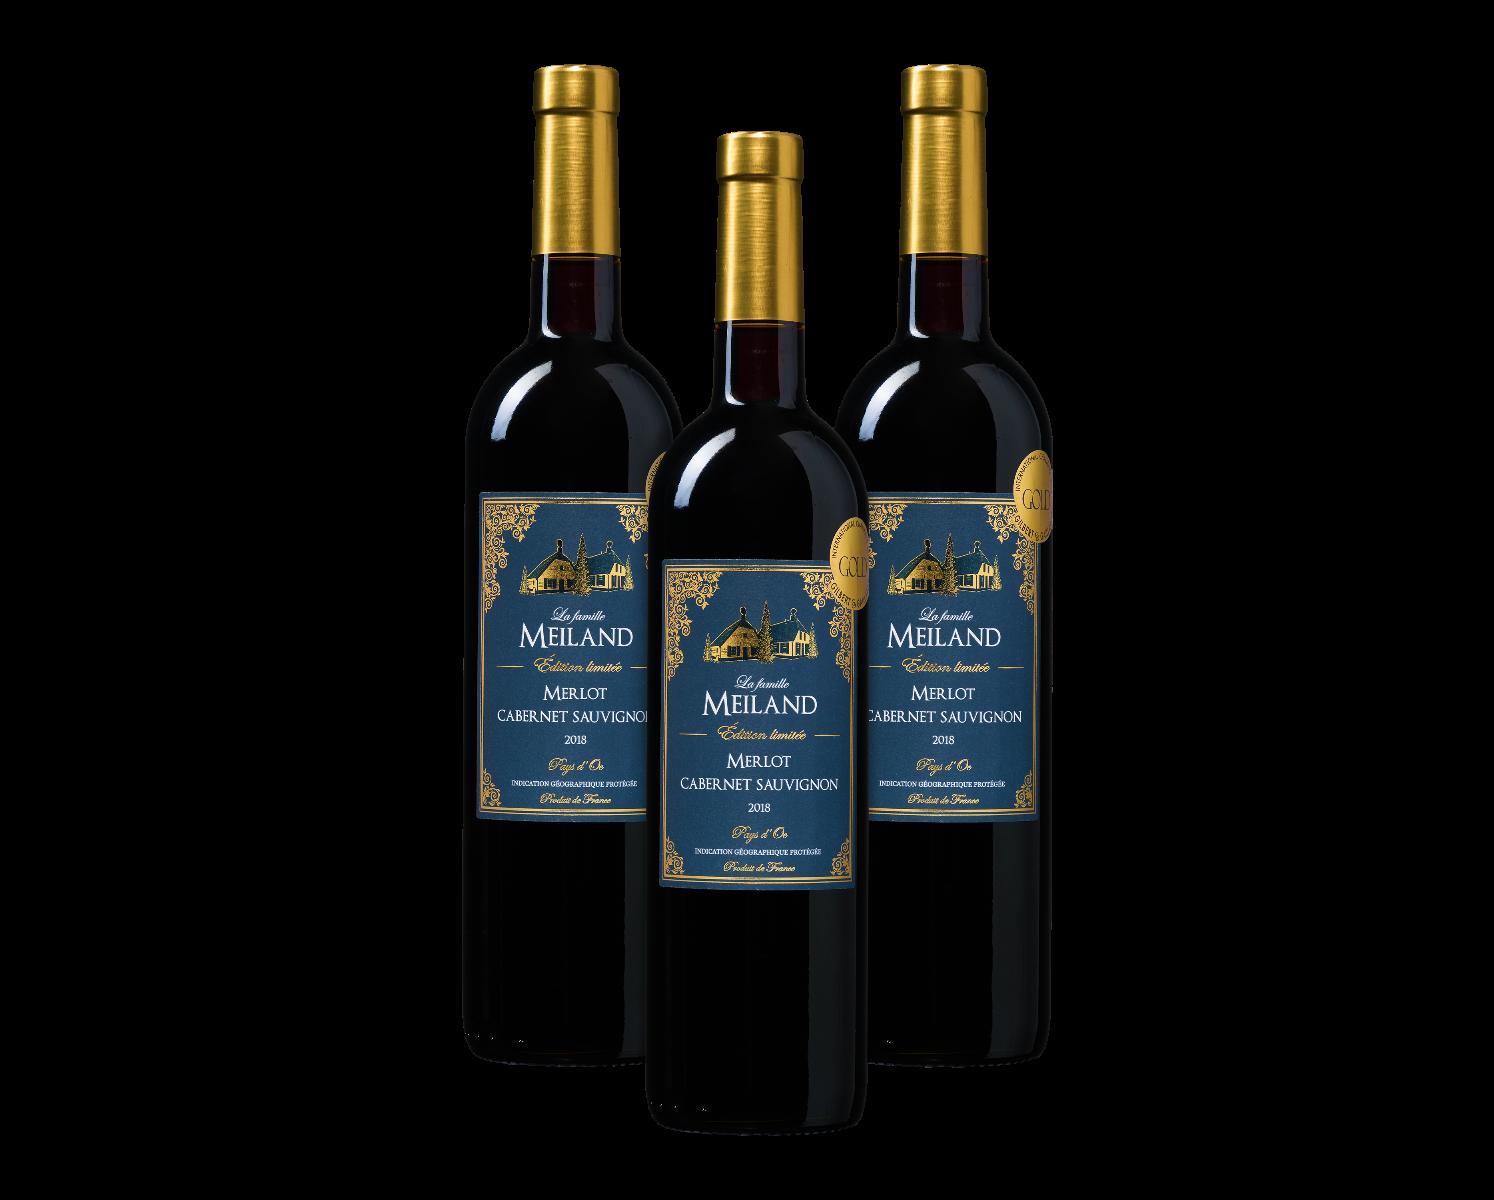 Wijnpakket La famille Meiland Édition limitée Merlot-Cabernet Sauvignon Pays d'Oc IGP (3 flesse